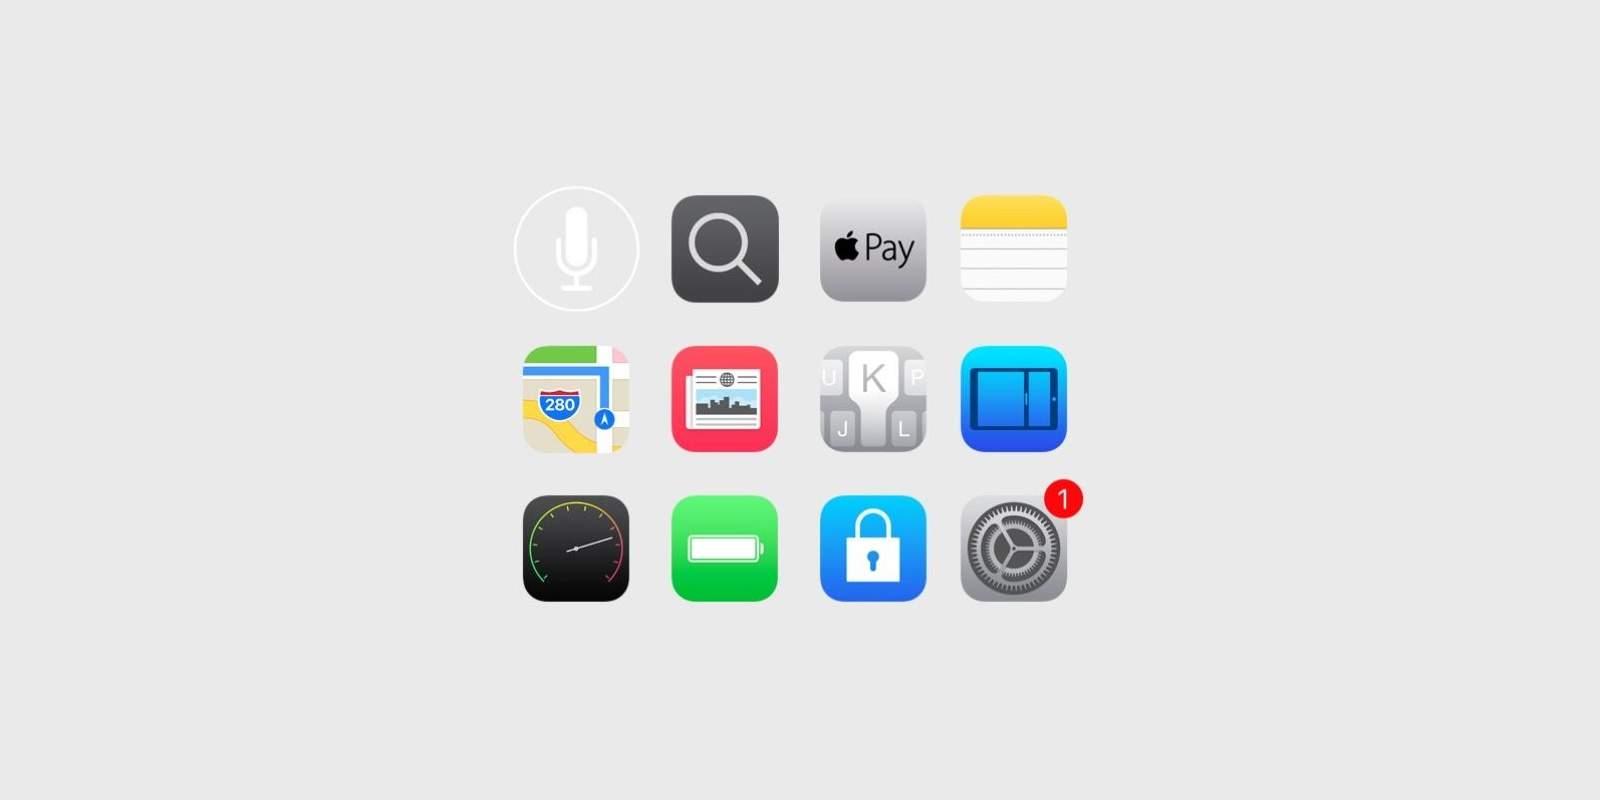 ios-9-icons